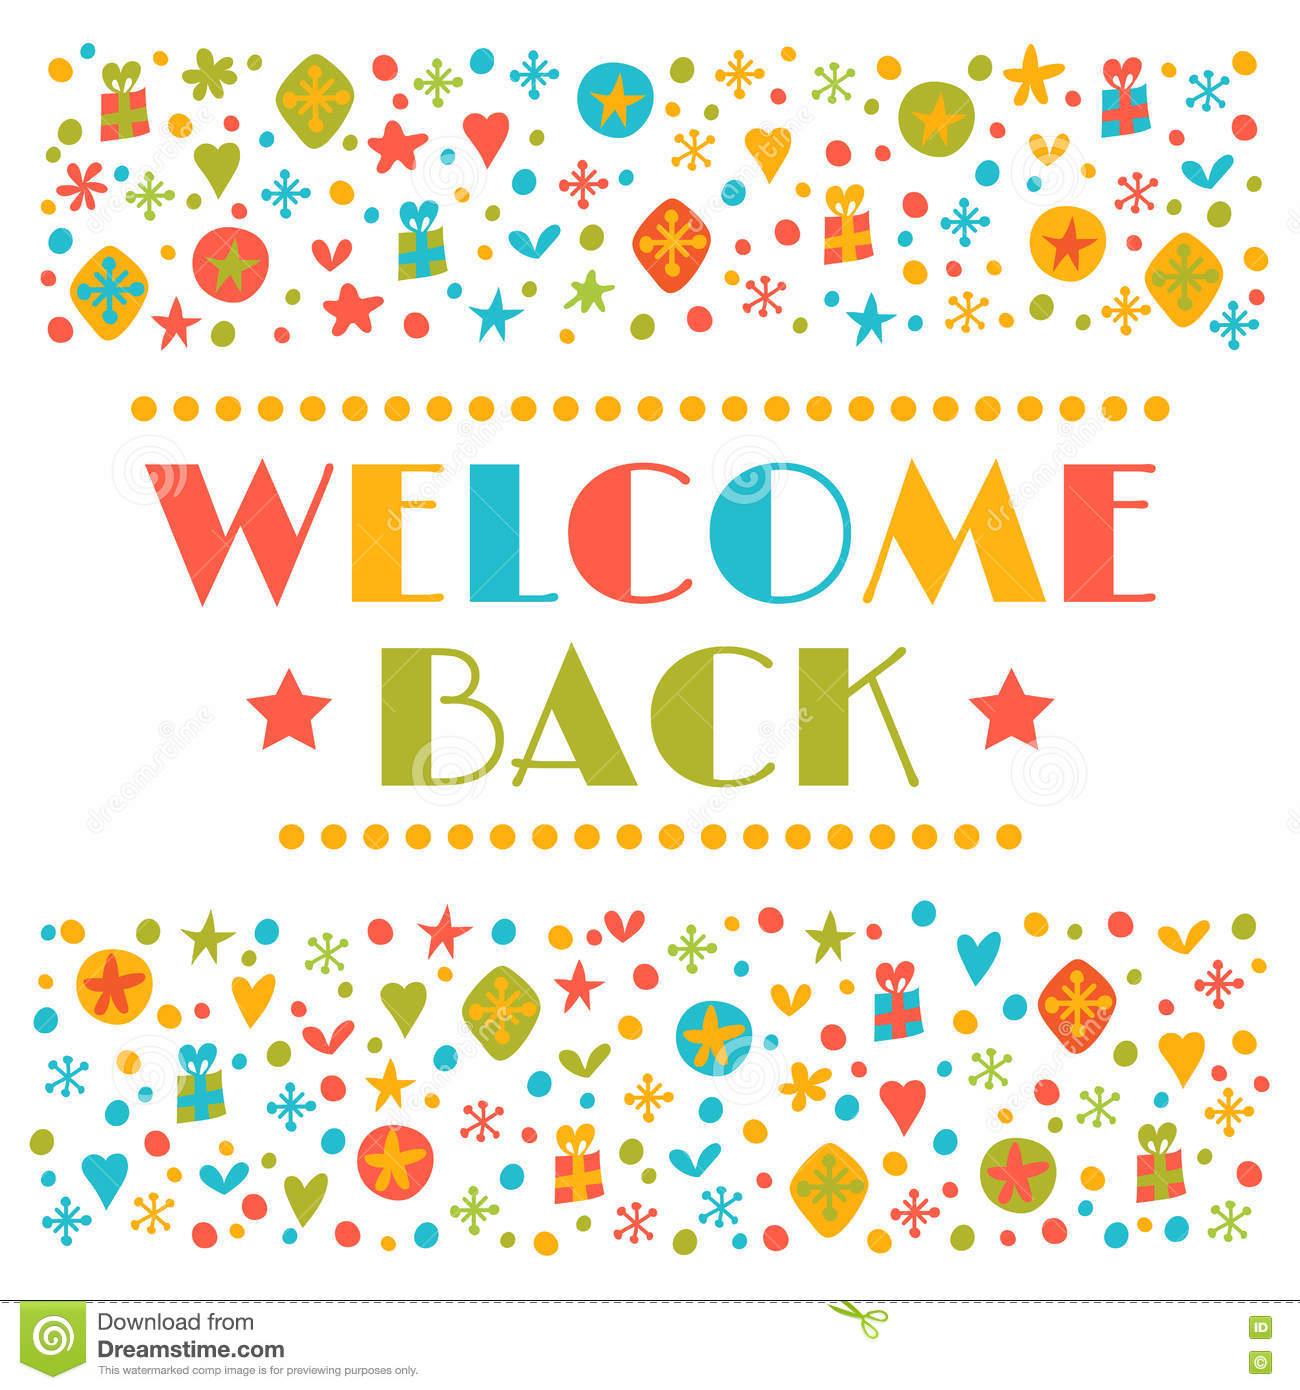 Welcome Back Cards Christmas Printable – Festival Collections - Welcome Home Cards Free Printable